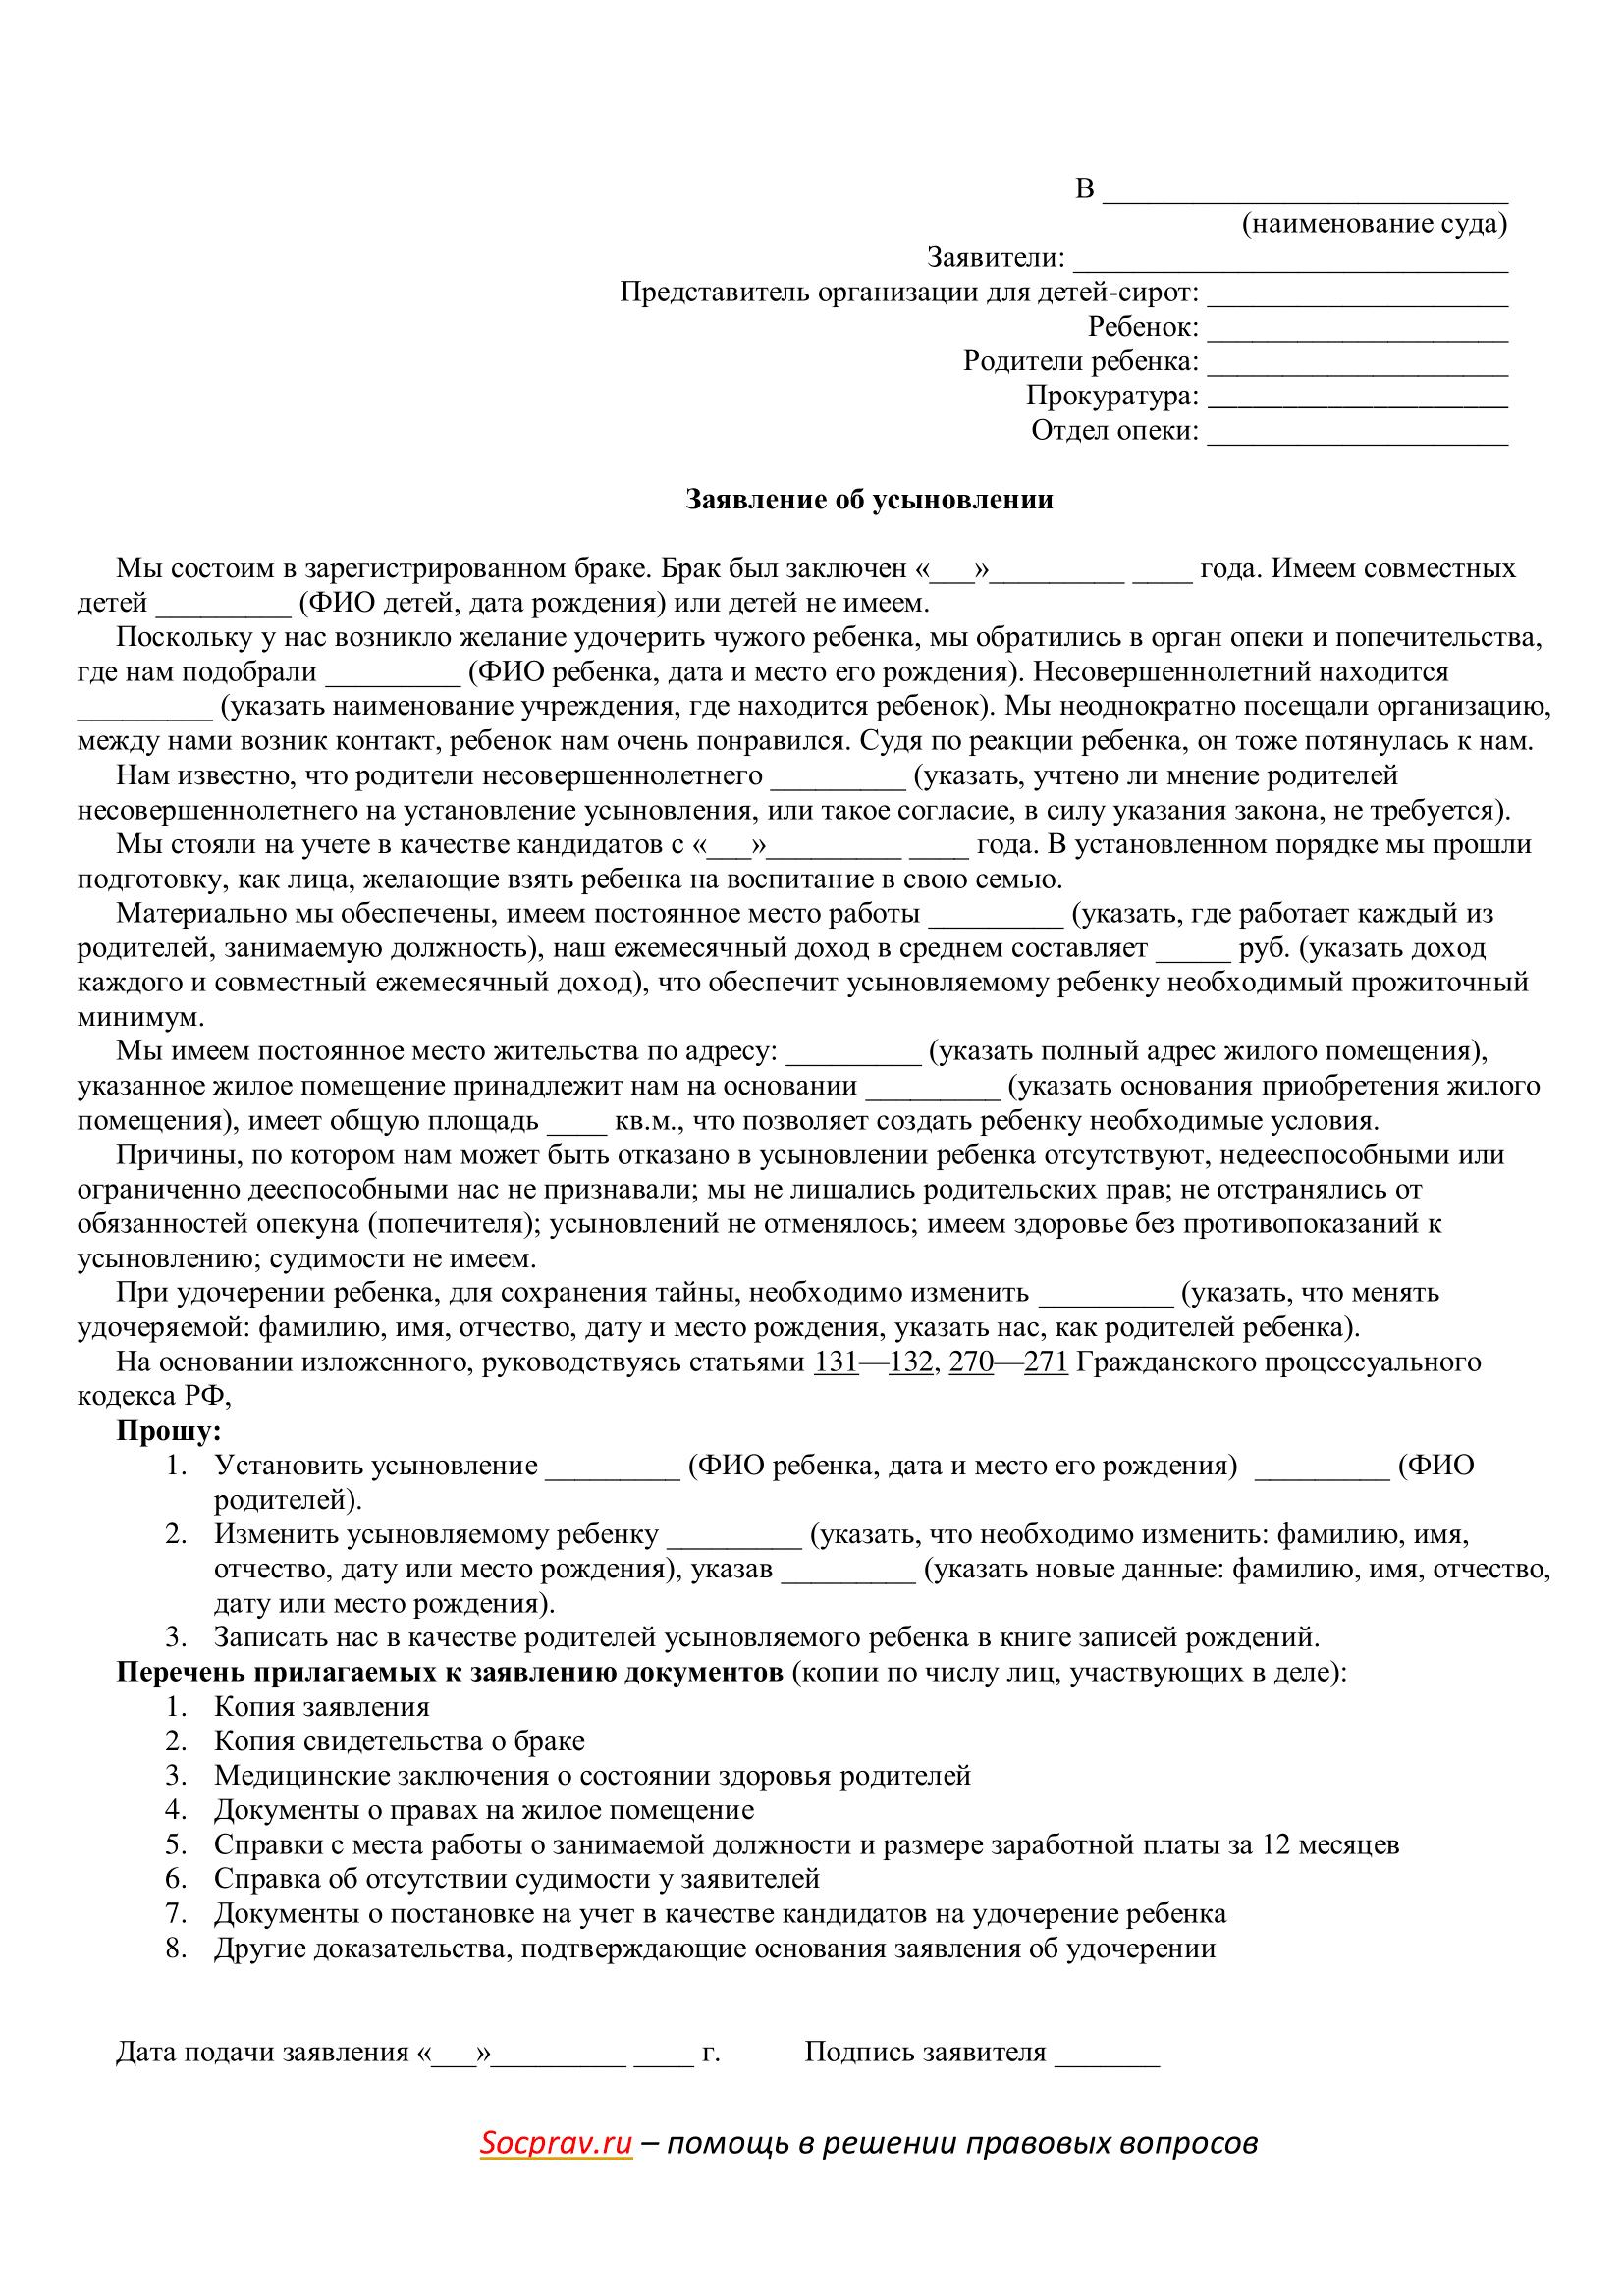 Исковое заявление об усыновлении ребенка из роддома